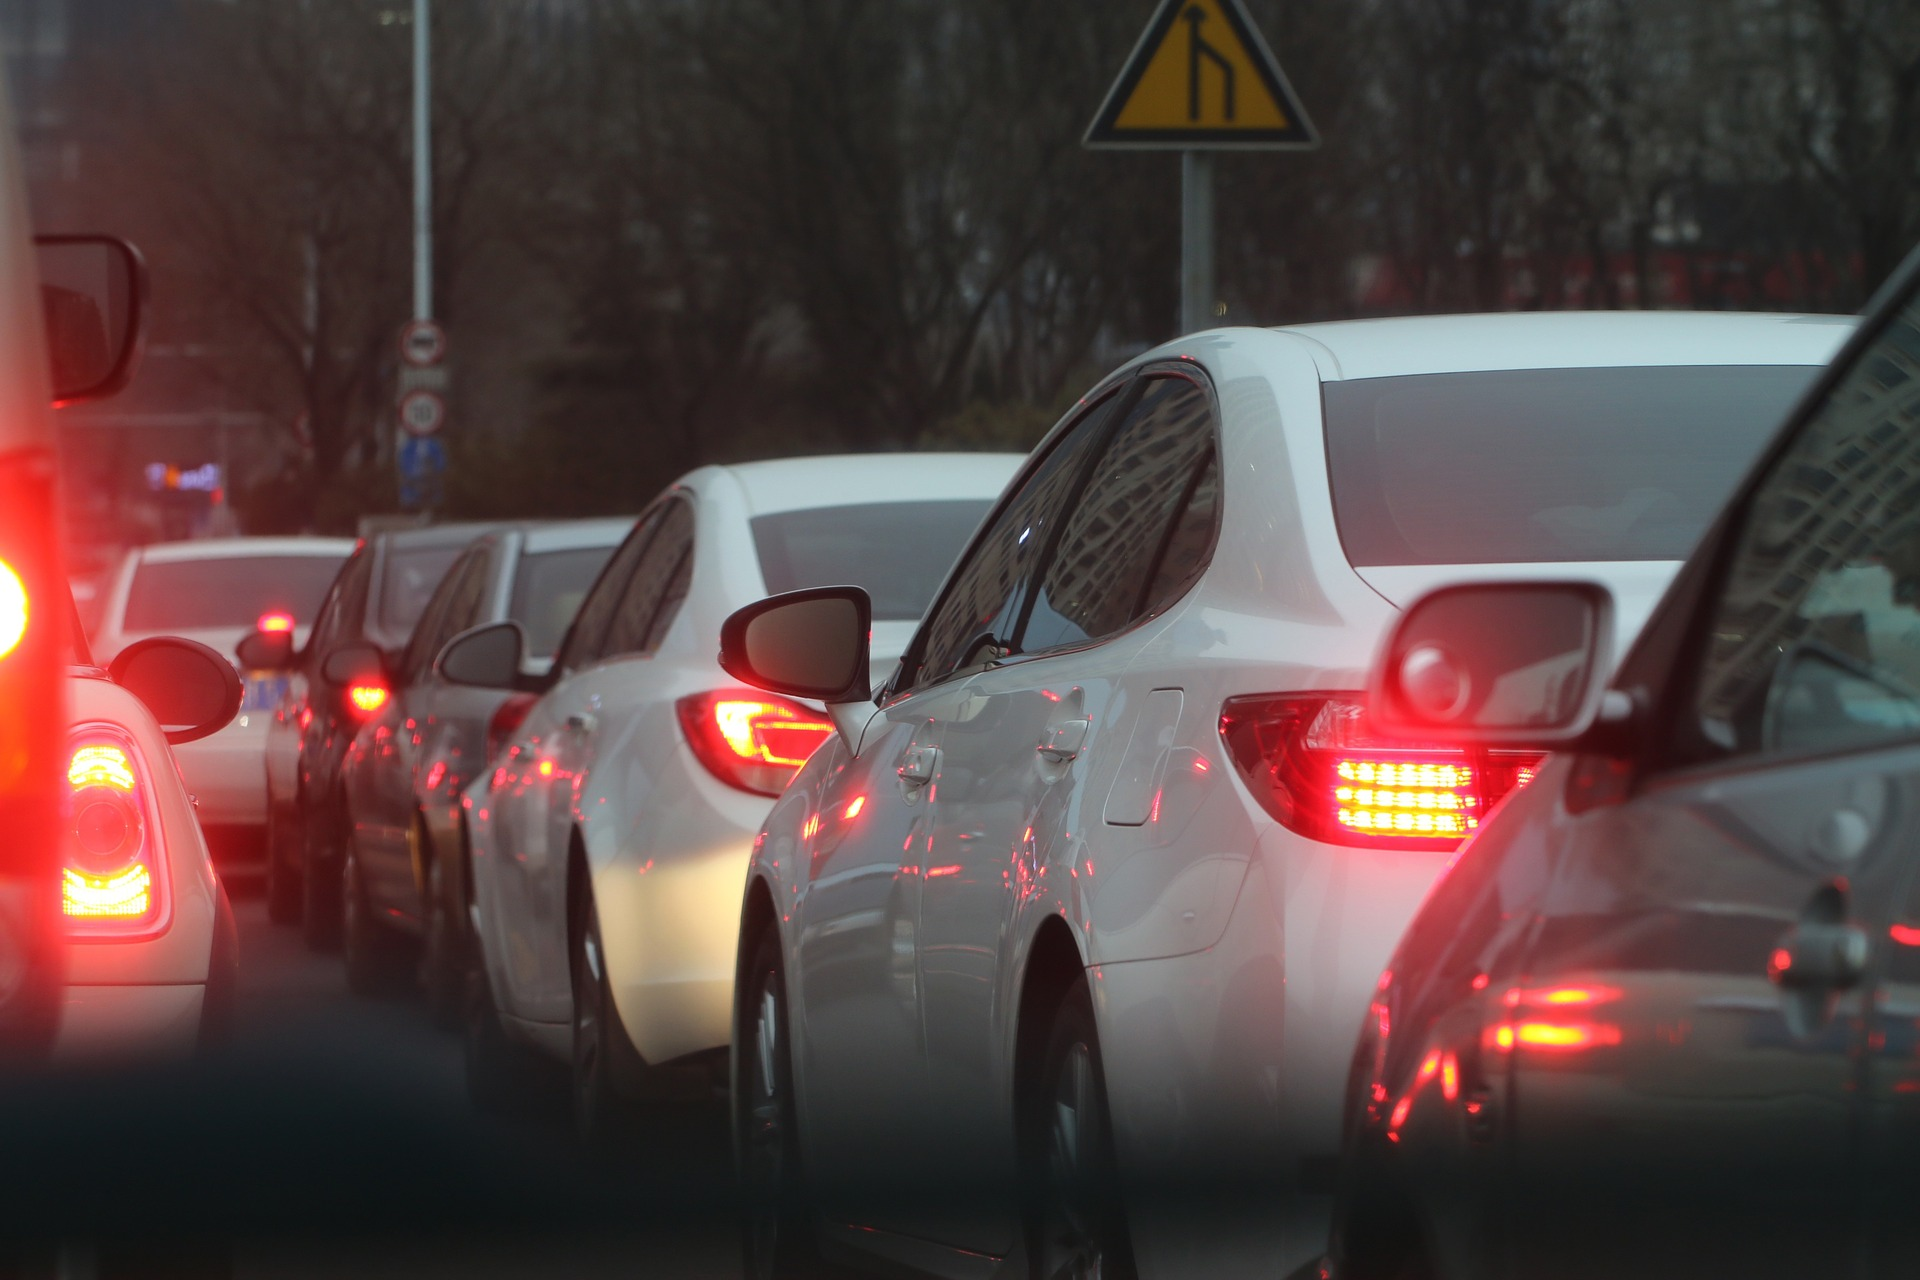 10. Los vehículos vendidos en el 80% de los países del mundo no cumplen normas básicas de seguridad. Solo 40 países han adoptado las siete reglamentaciones aprobadas por Naciones Unidas, y 35 de ellos son países de ingresos elevados.